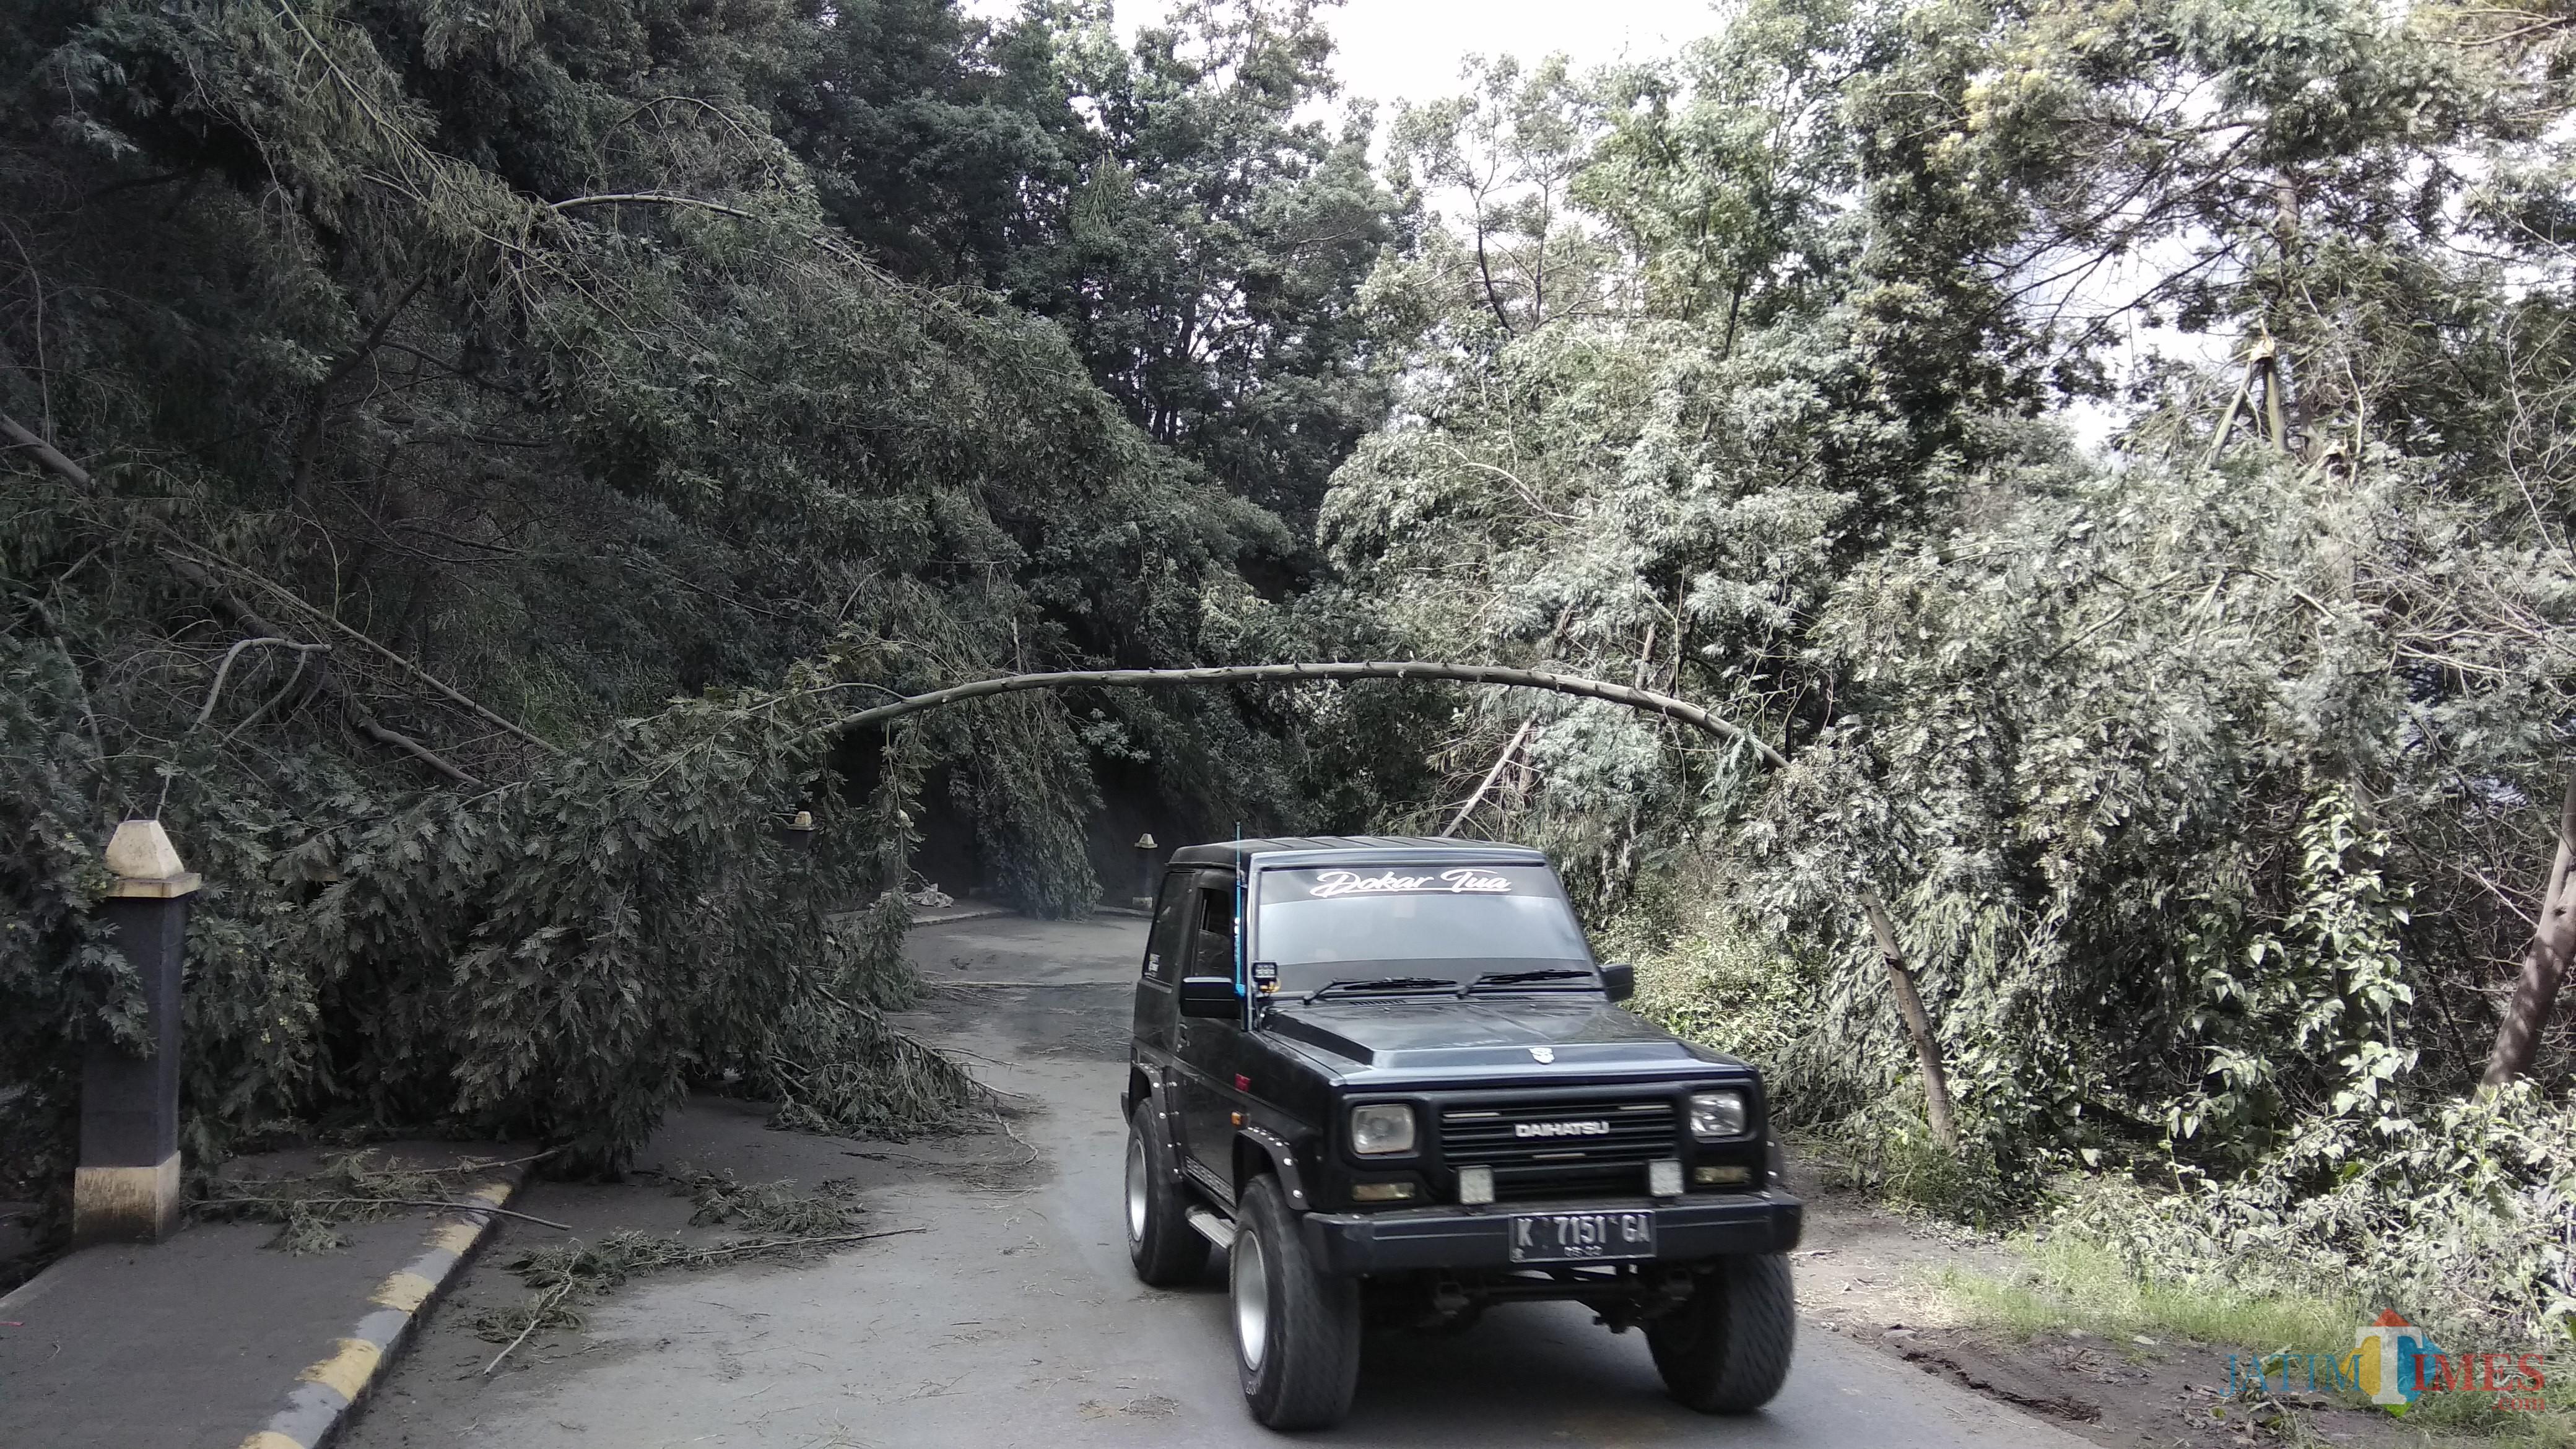 Ilustrasi, mobil Jeep yang tengah melintas di kawasan wisata Gunung Bromo pada Maret lalu. (Foto: Nurlayla Ratri/MalangTIMES)